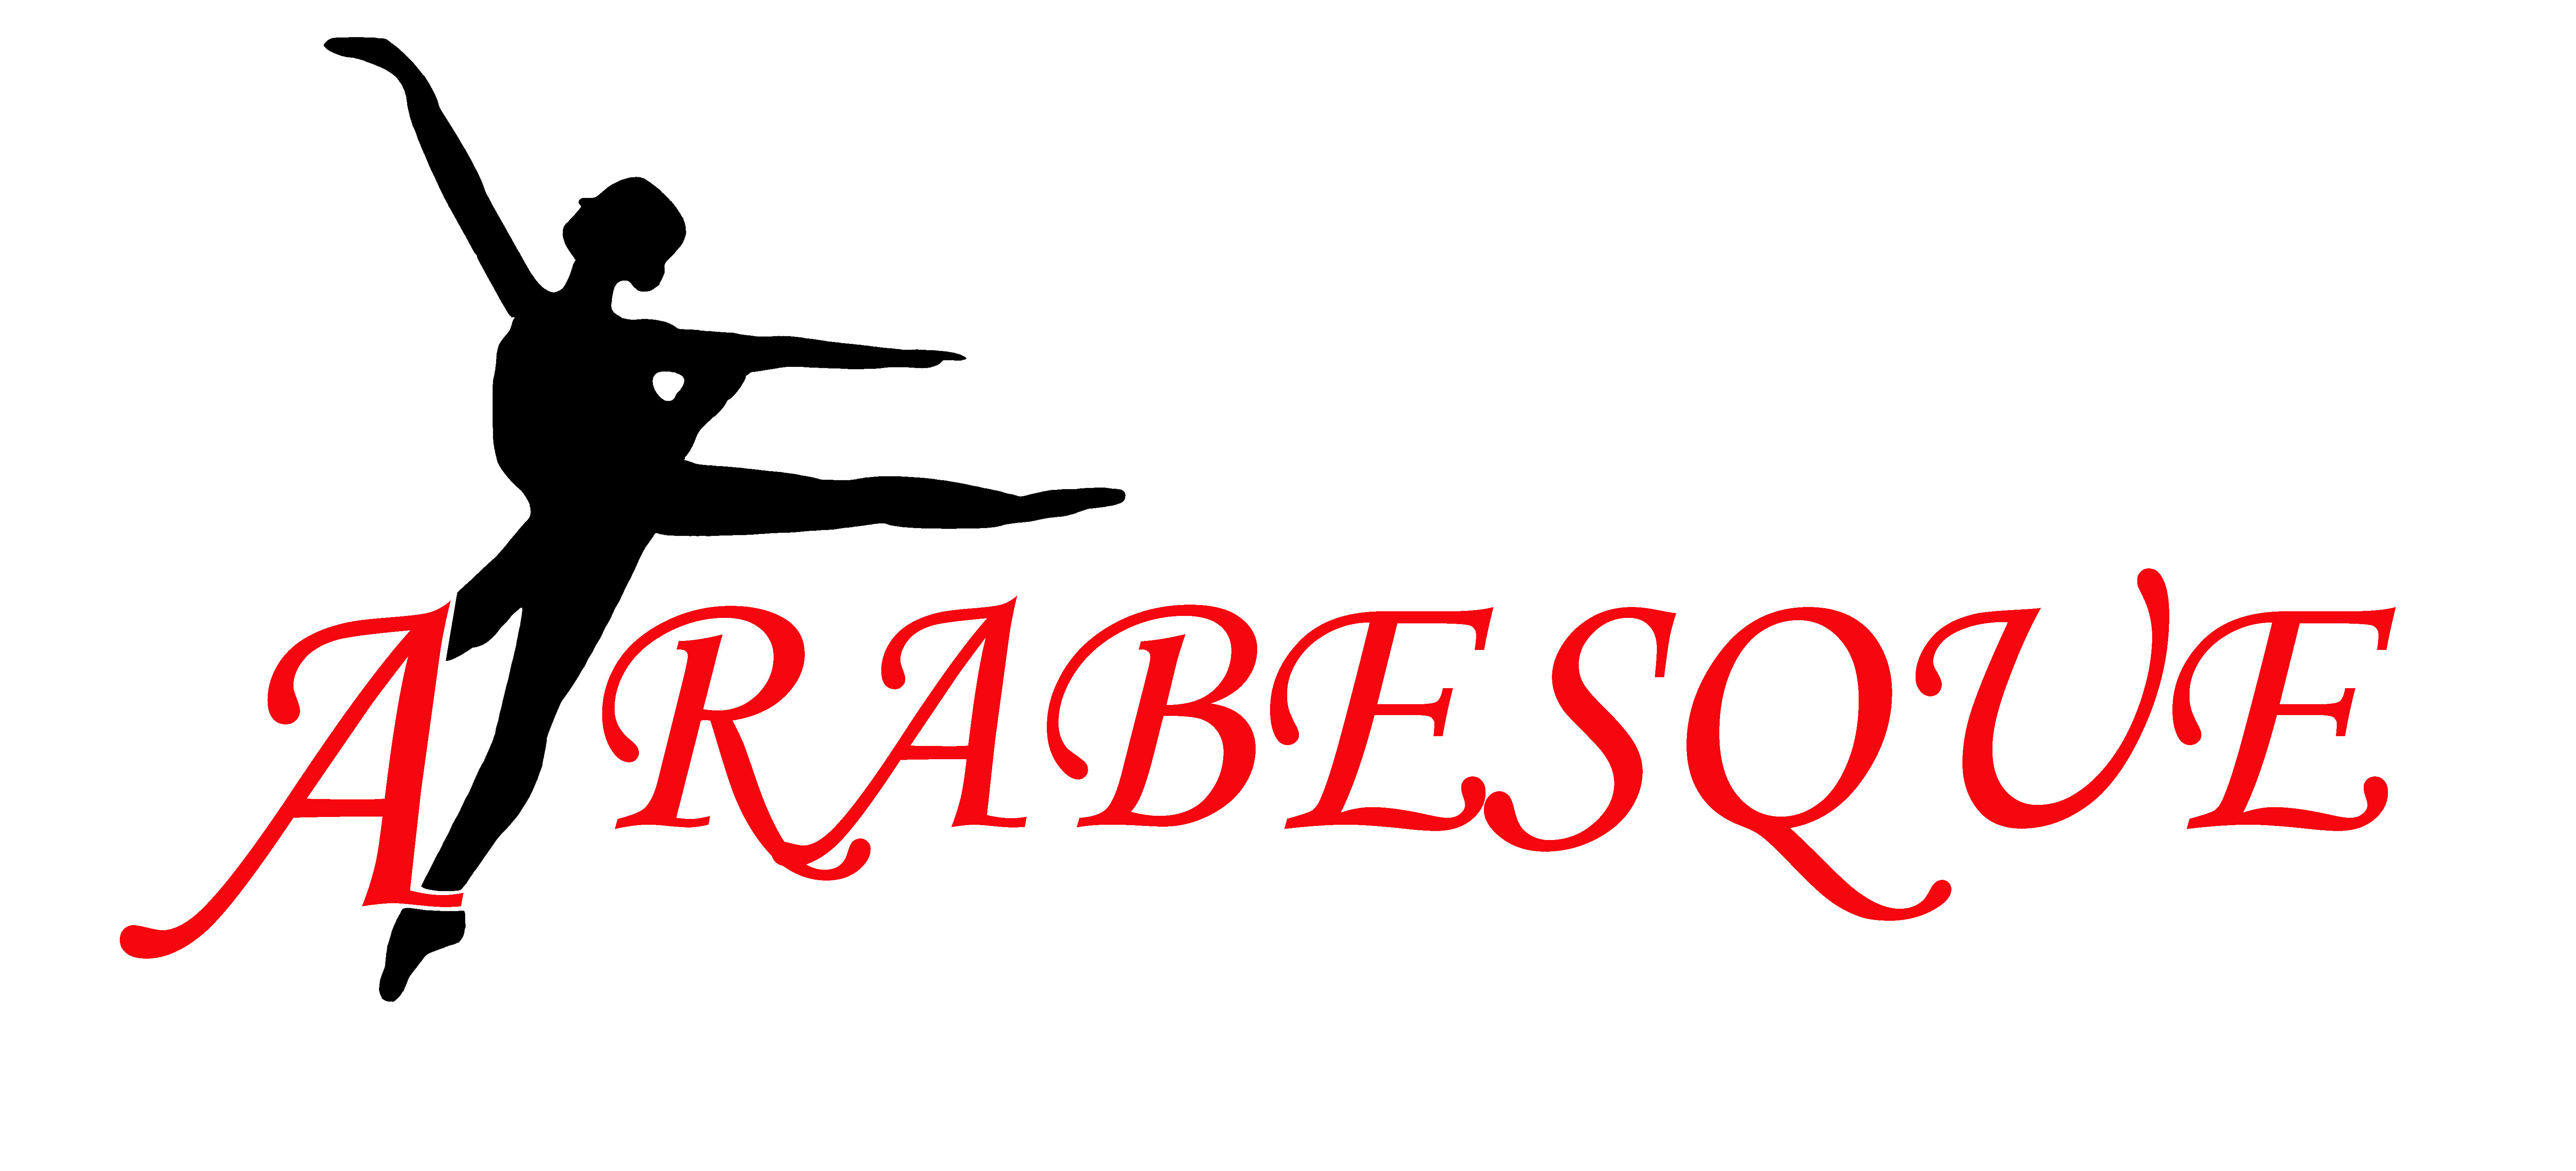 Arabesque ASD